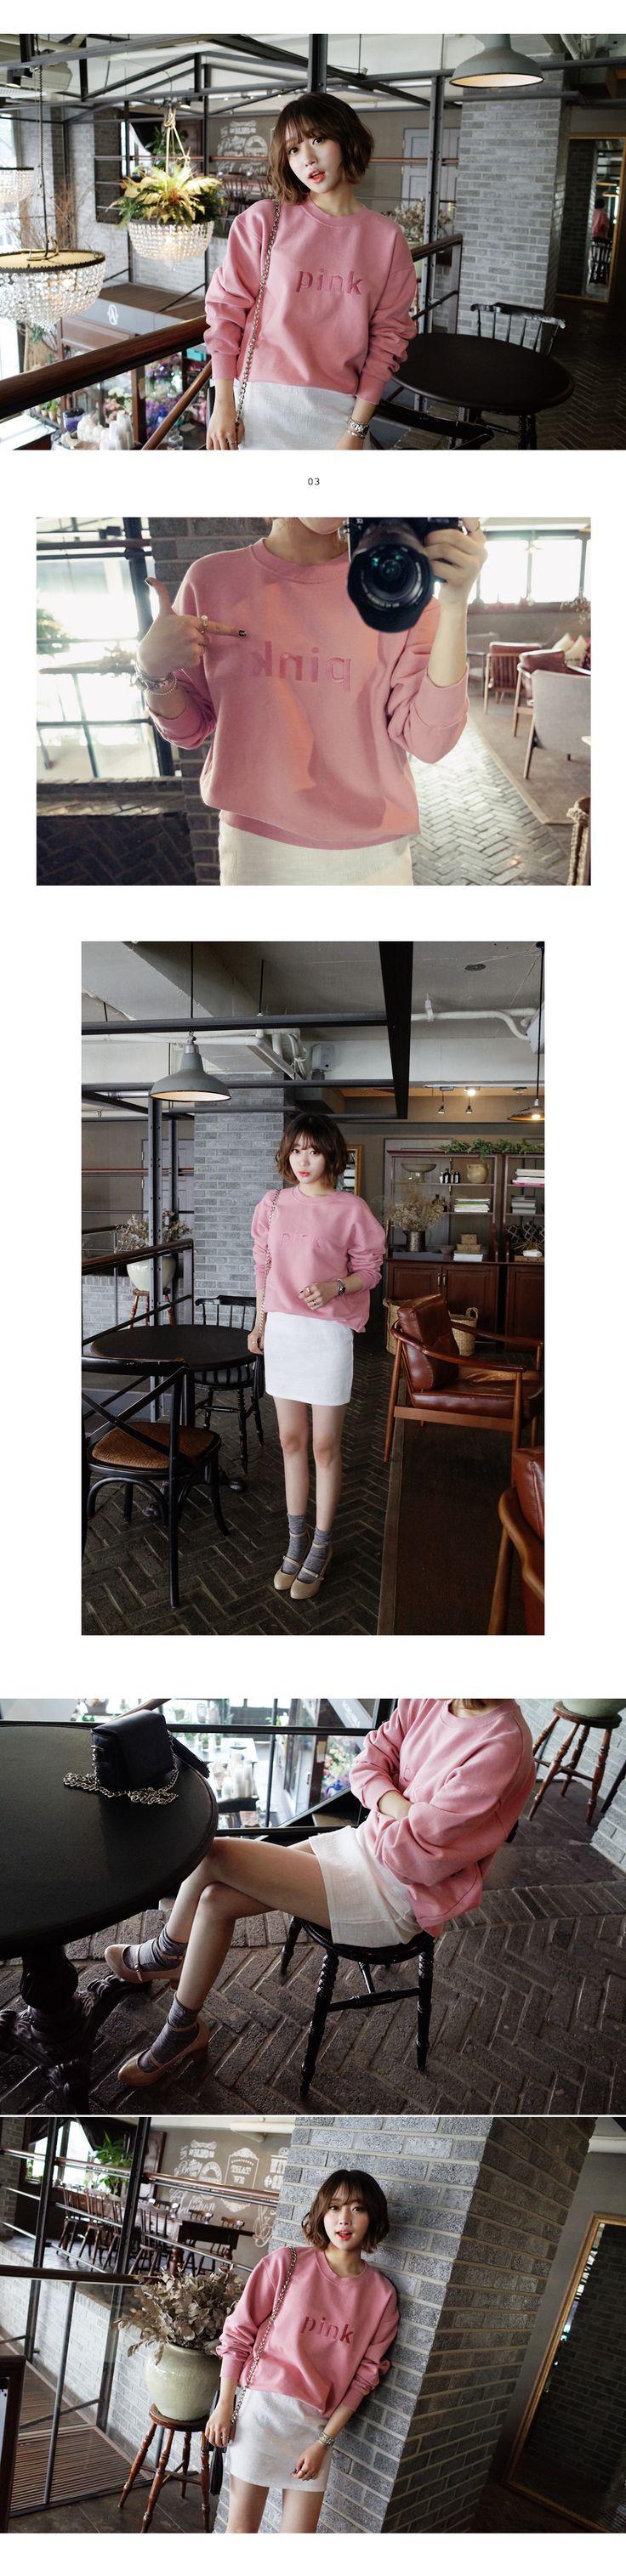 ホワイトミックスタイトミニスカート・全5色スカートスカート|レディースファッション通販 DHOLICディーホリック [ファストファッション 水着 ワンピース]